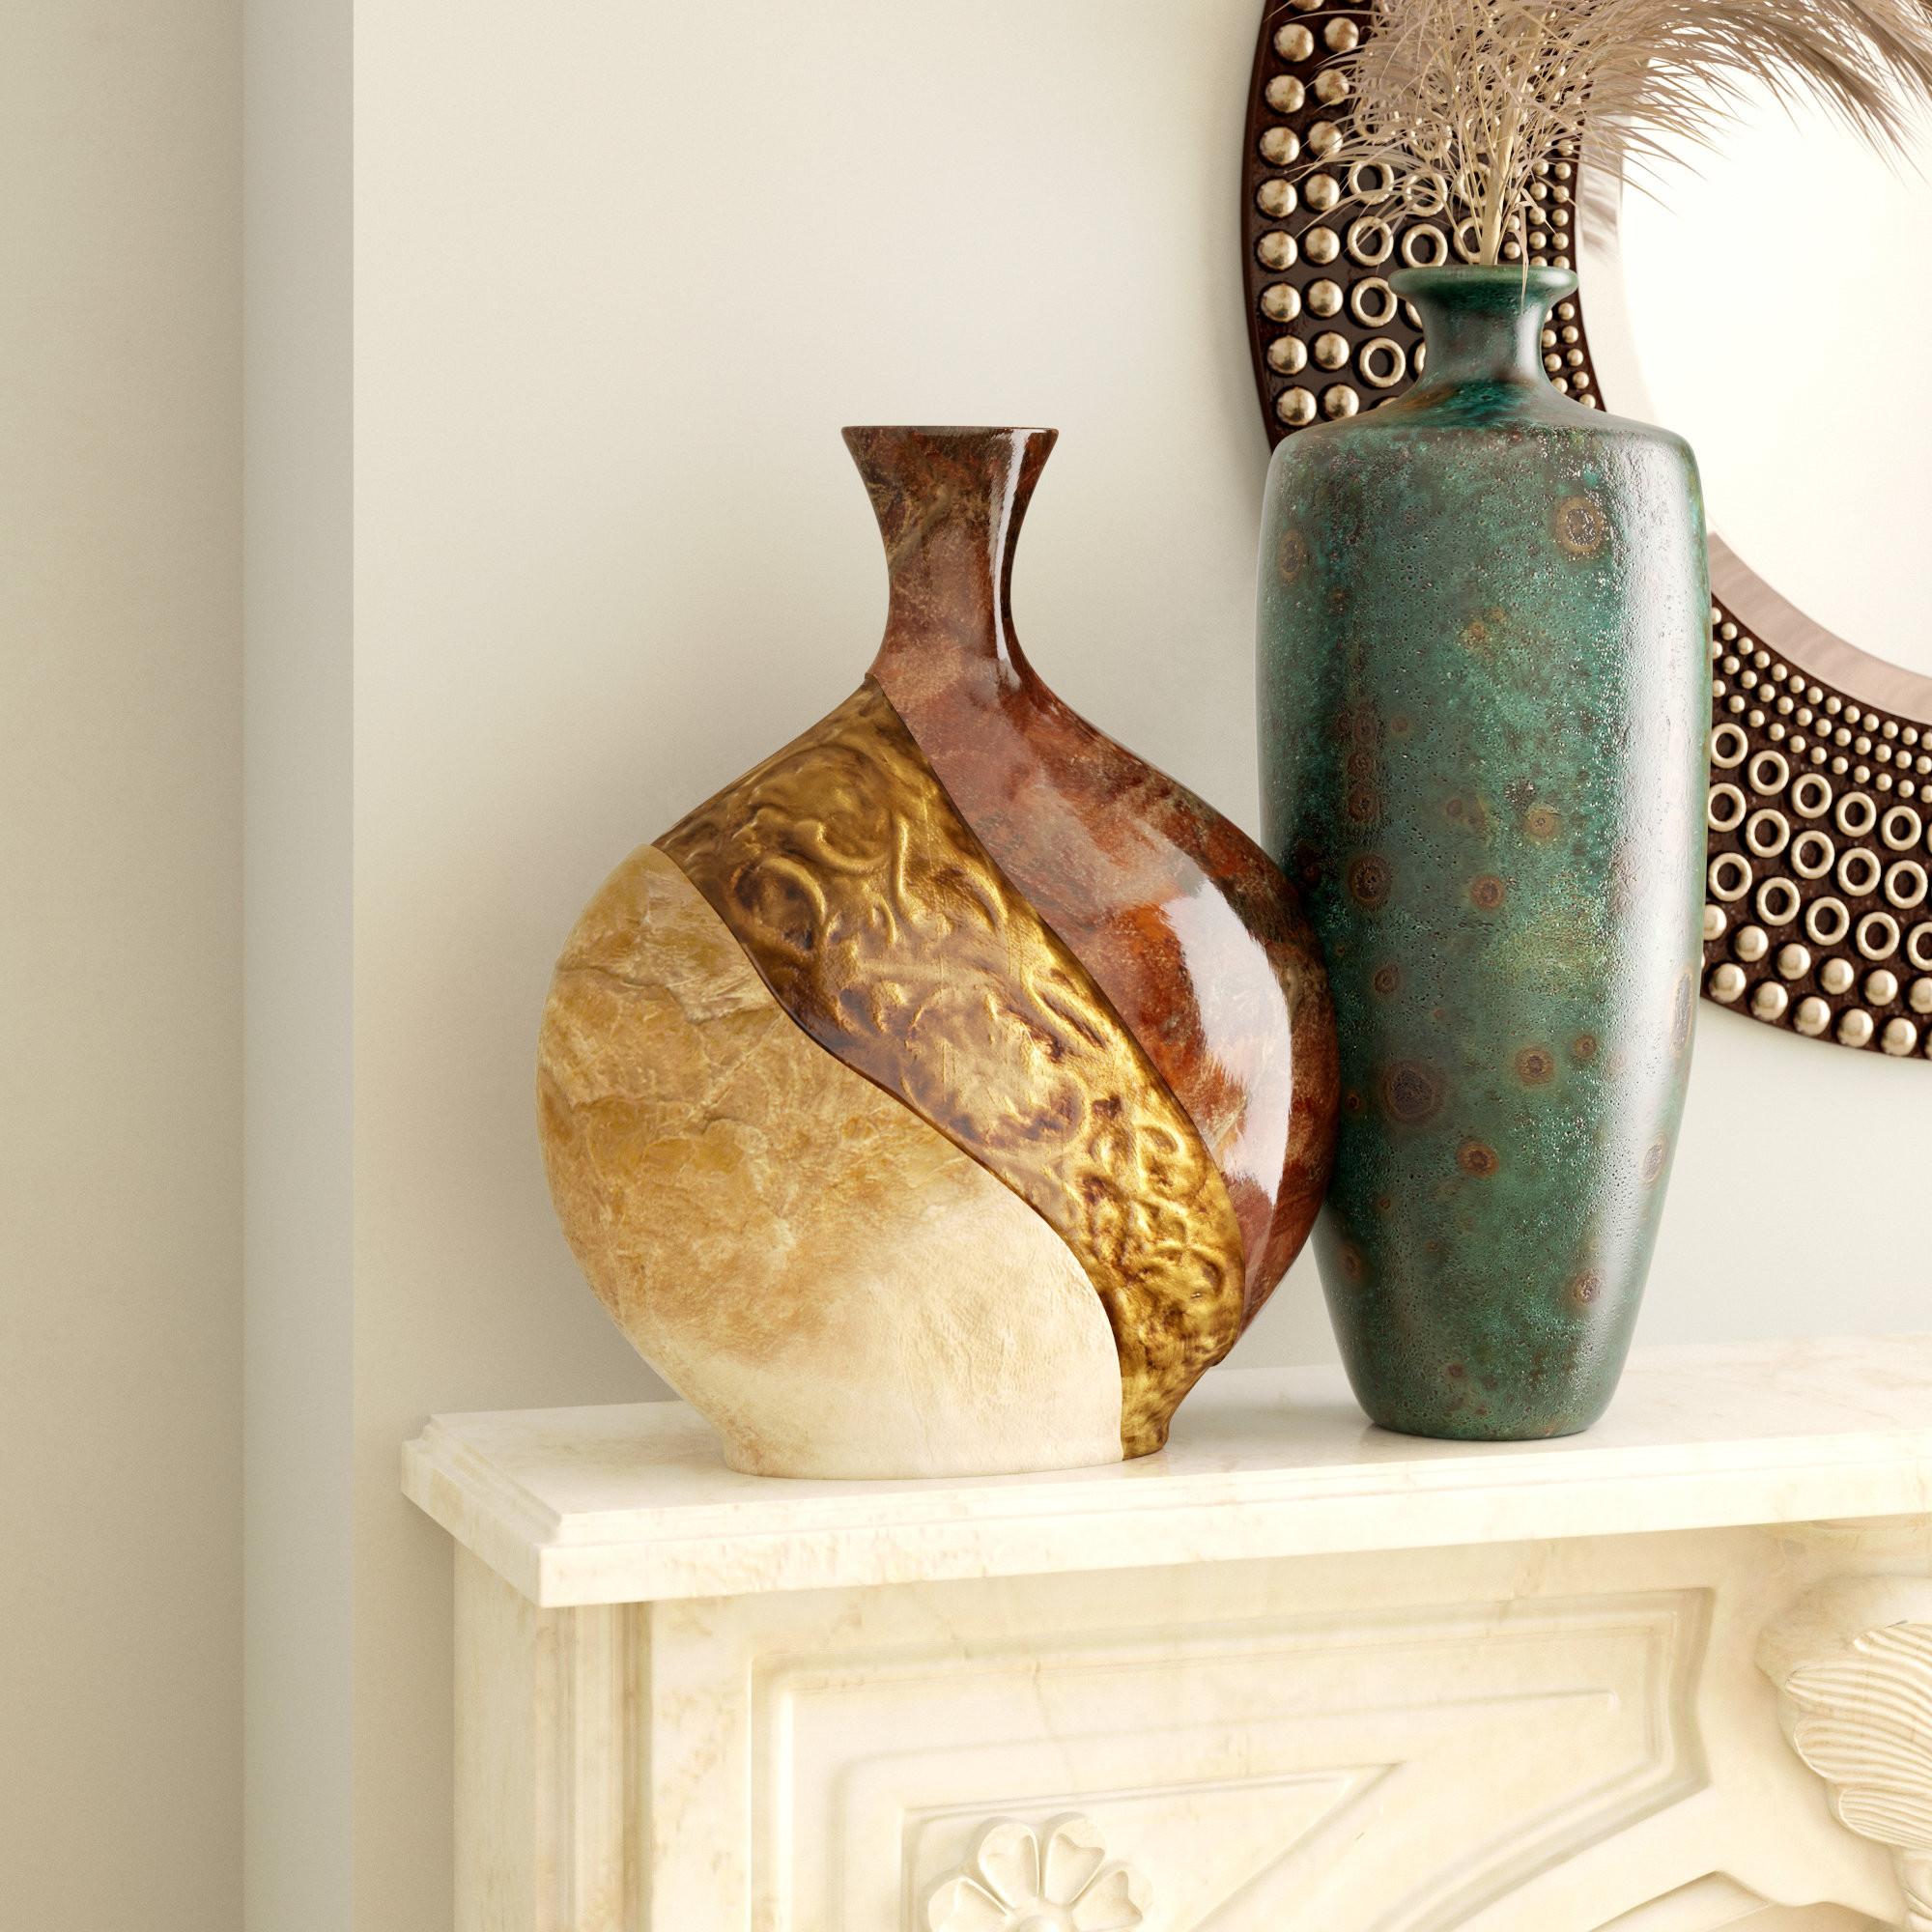 capiz shell vase of world menagerie brahim pot shaped ceramic capiz shell vase in brown for world menagerie brahim pot shaped ceramic capiz shell vase in brown black reviews wayfair